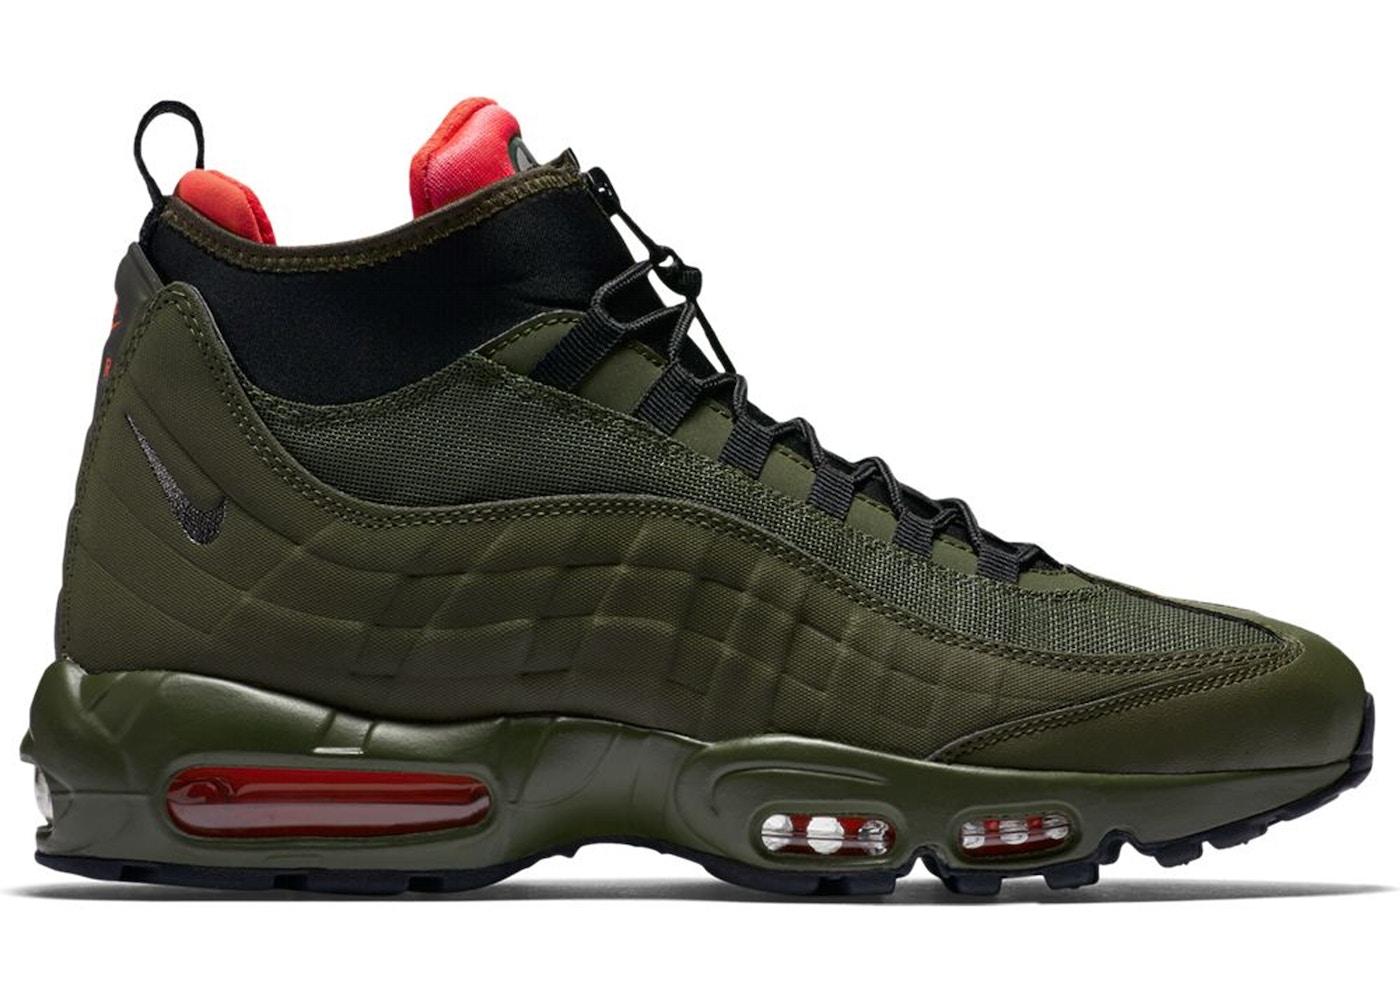 Nike Air Max 95 Sneakerboot Dark Loden - 806809-300